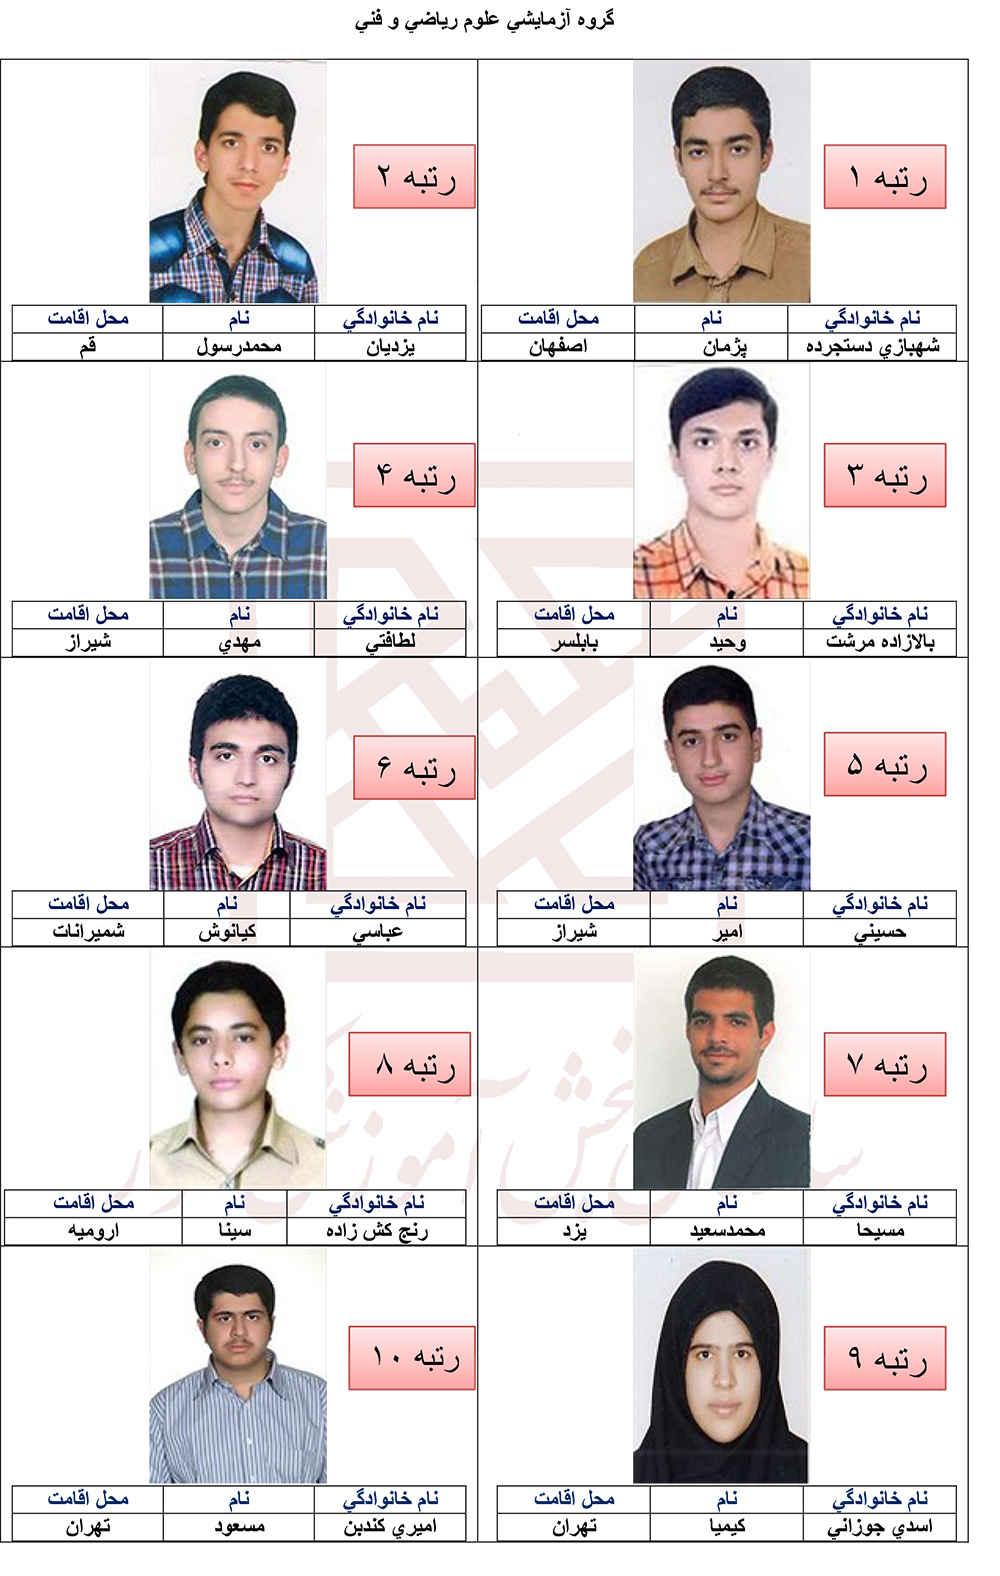 اسامی و عکس نفرات برتر کنکور سراسری 95 استان کردستان سنندج